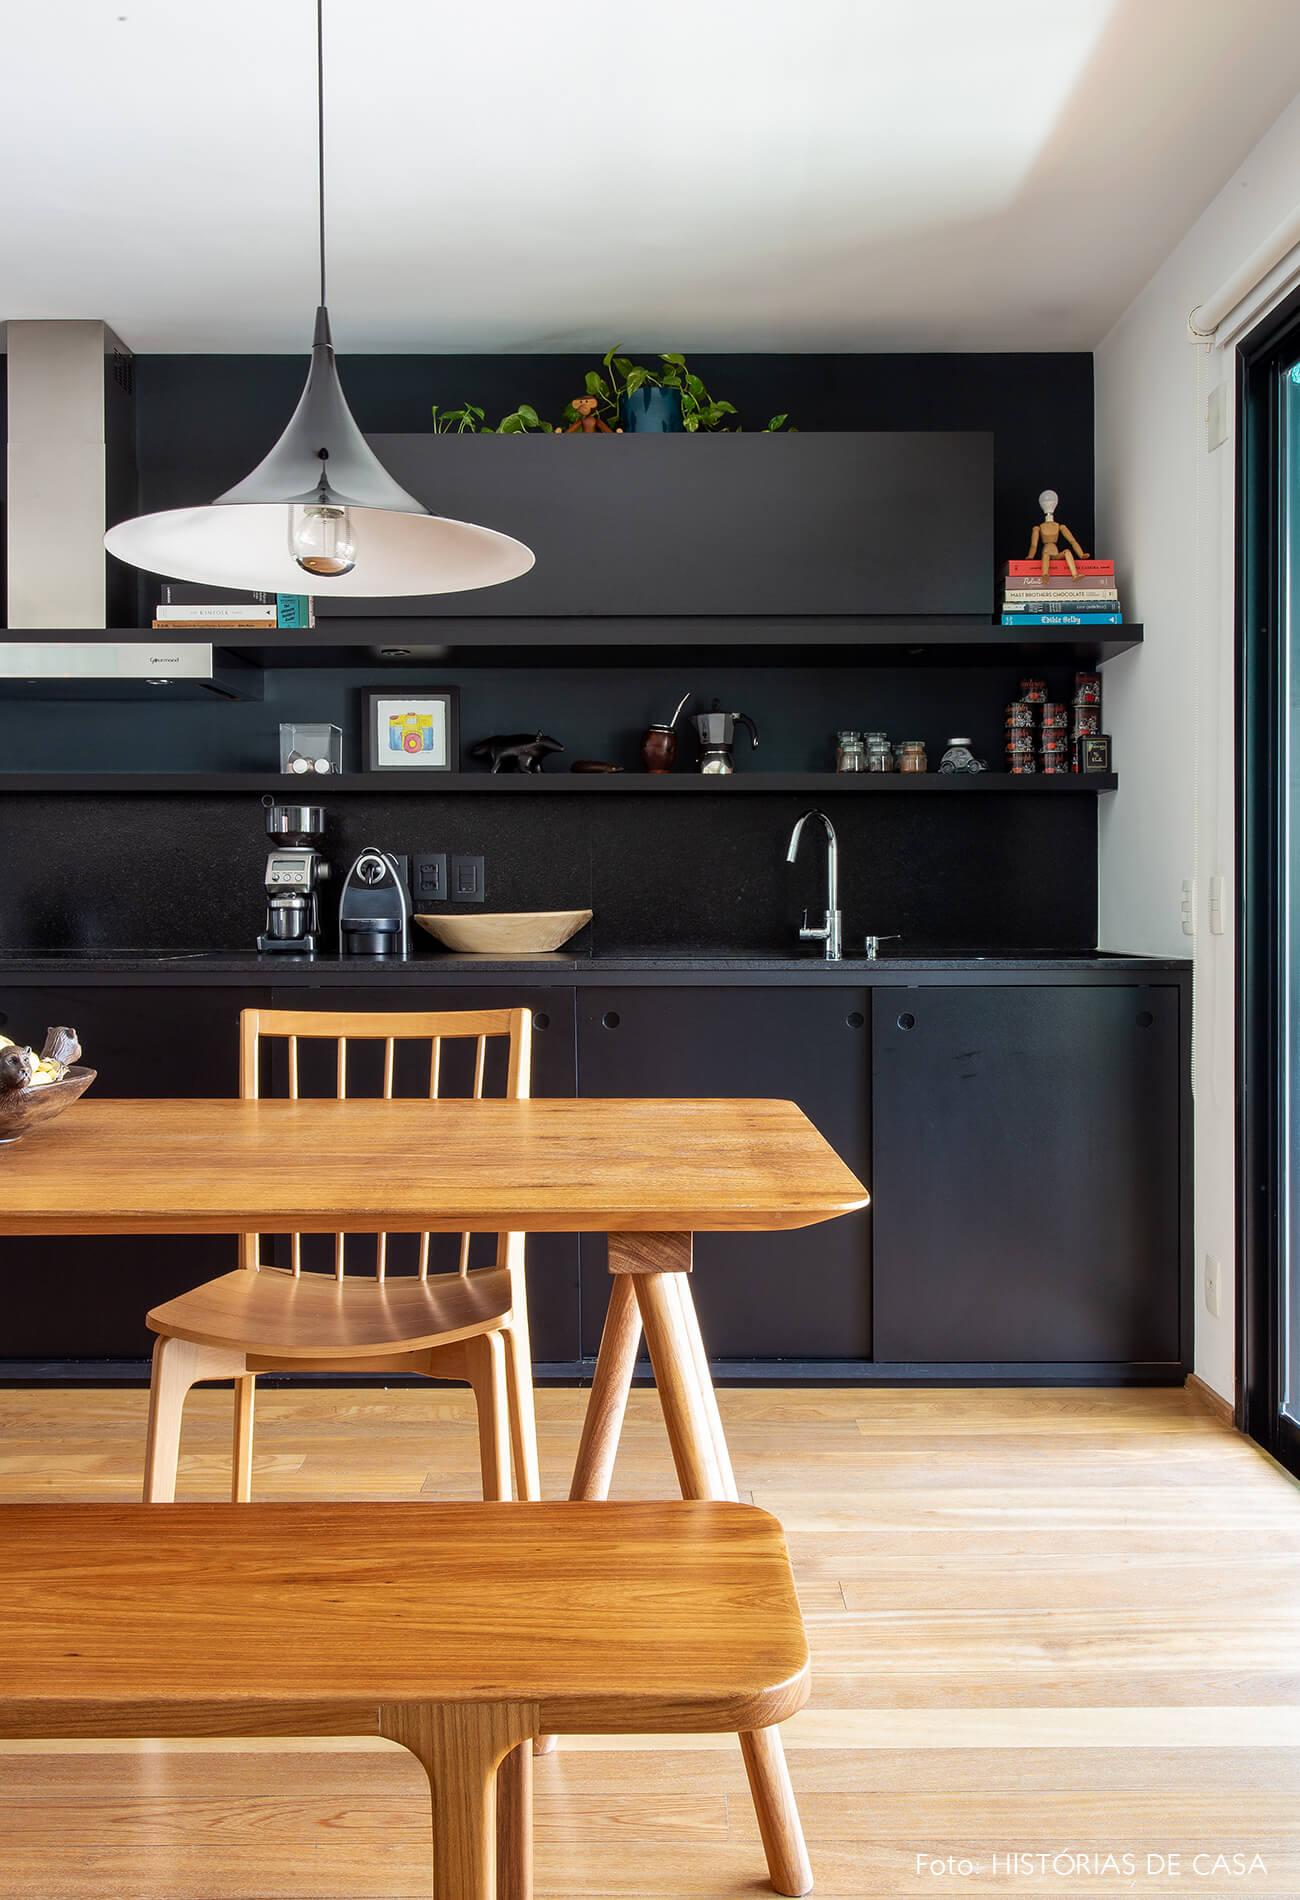 cozinha-com-parede-preta-e-mesa-de-madeira